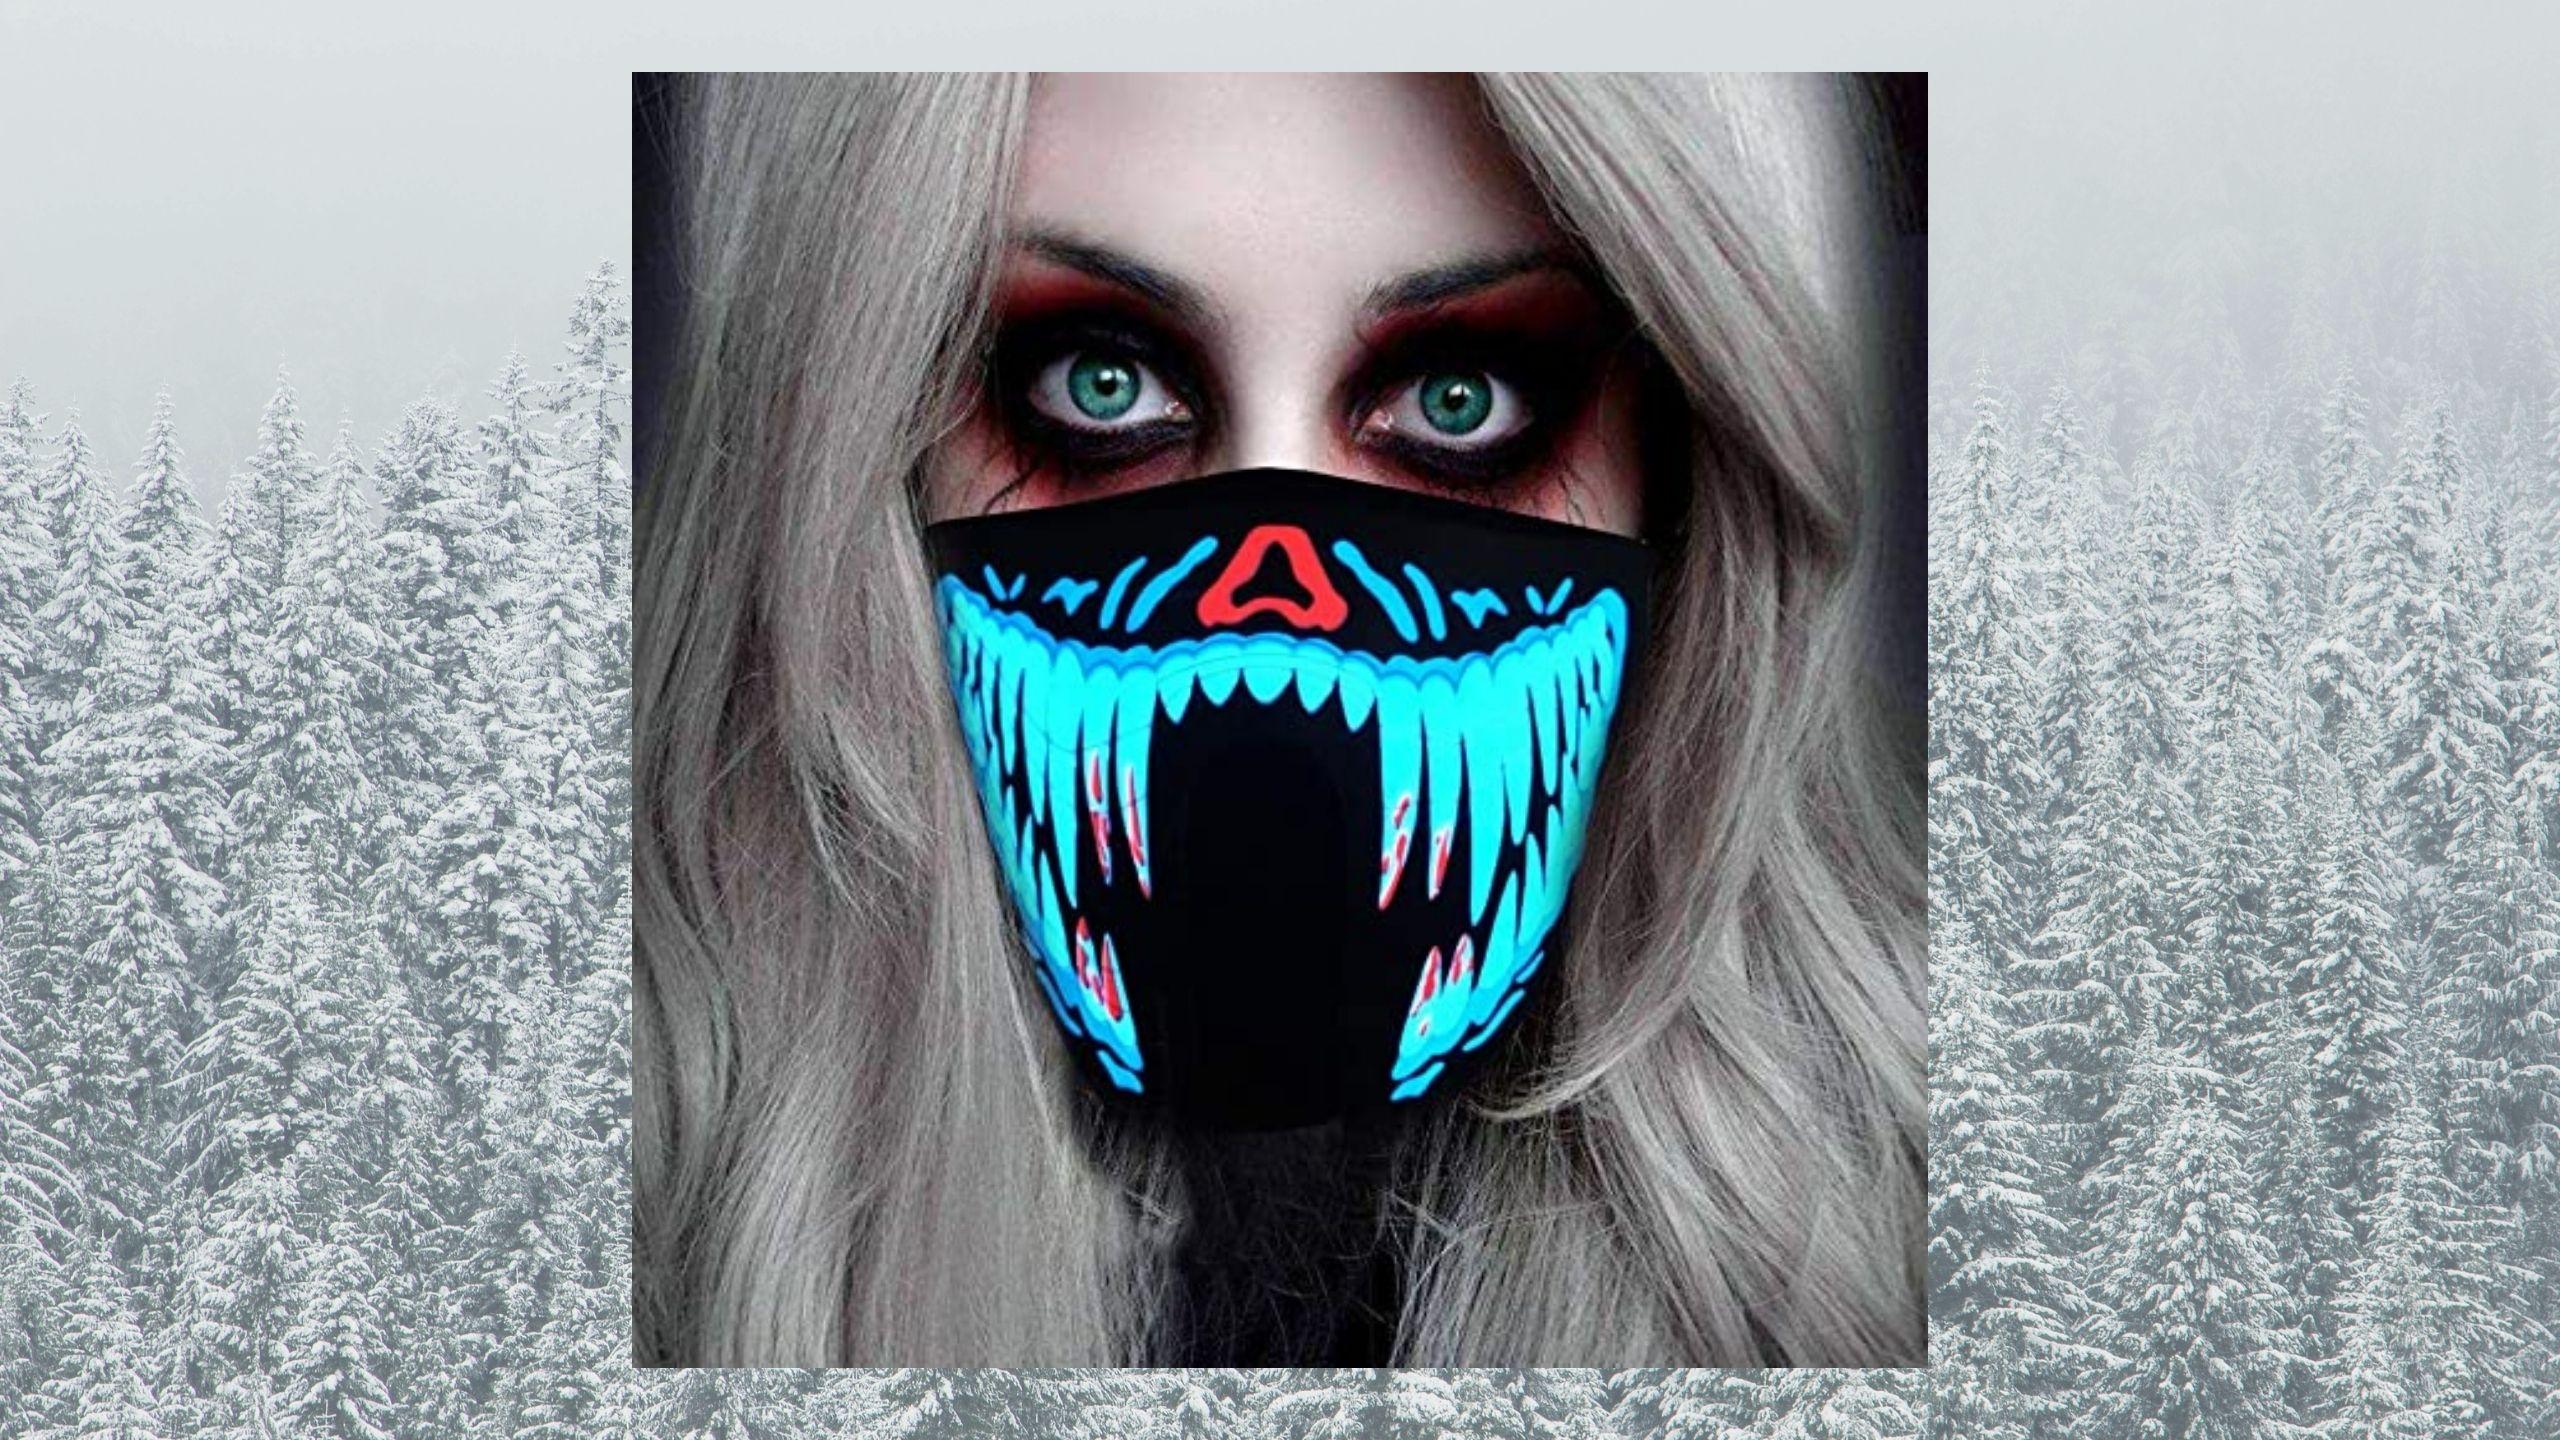 ShineWorld's Neon LED rave mask